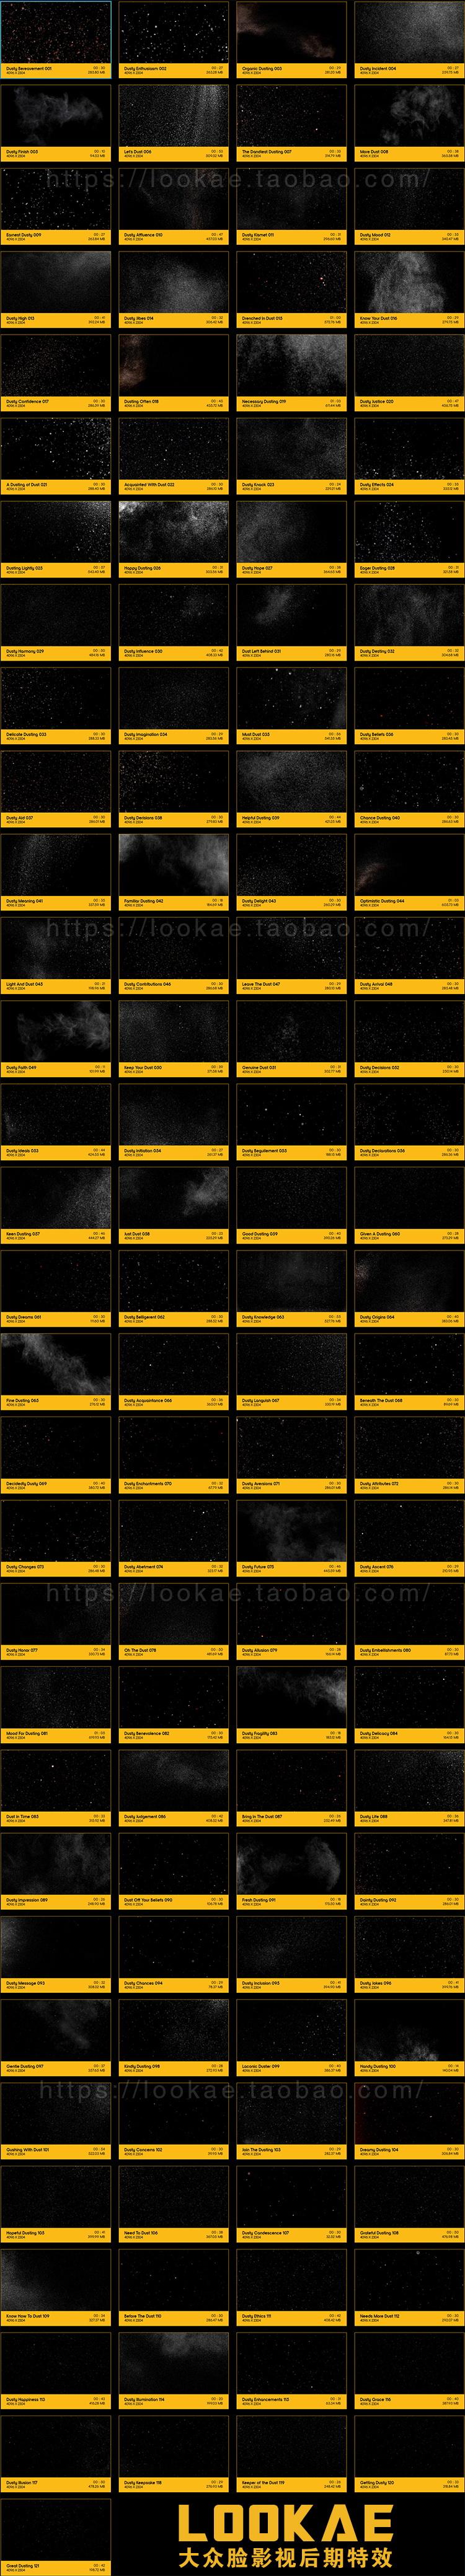 4K视频素材-121个悬浮粉尘粒颗灰尘粒子动画 BBV14